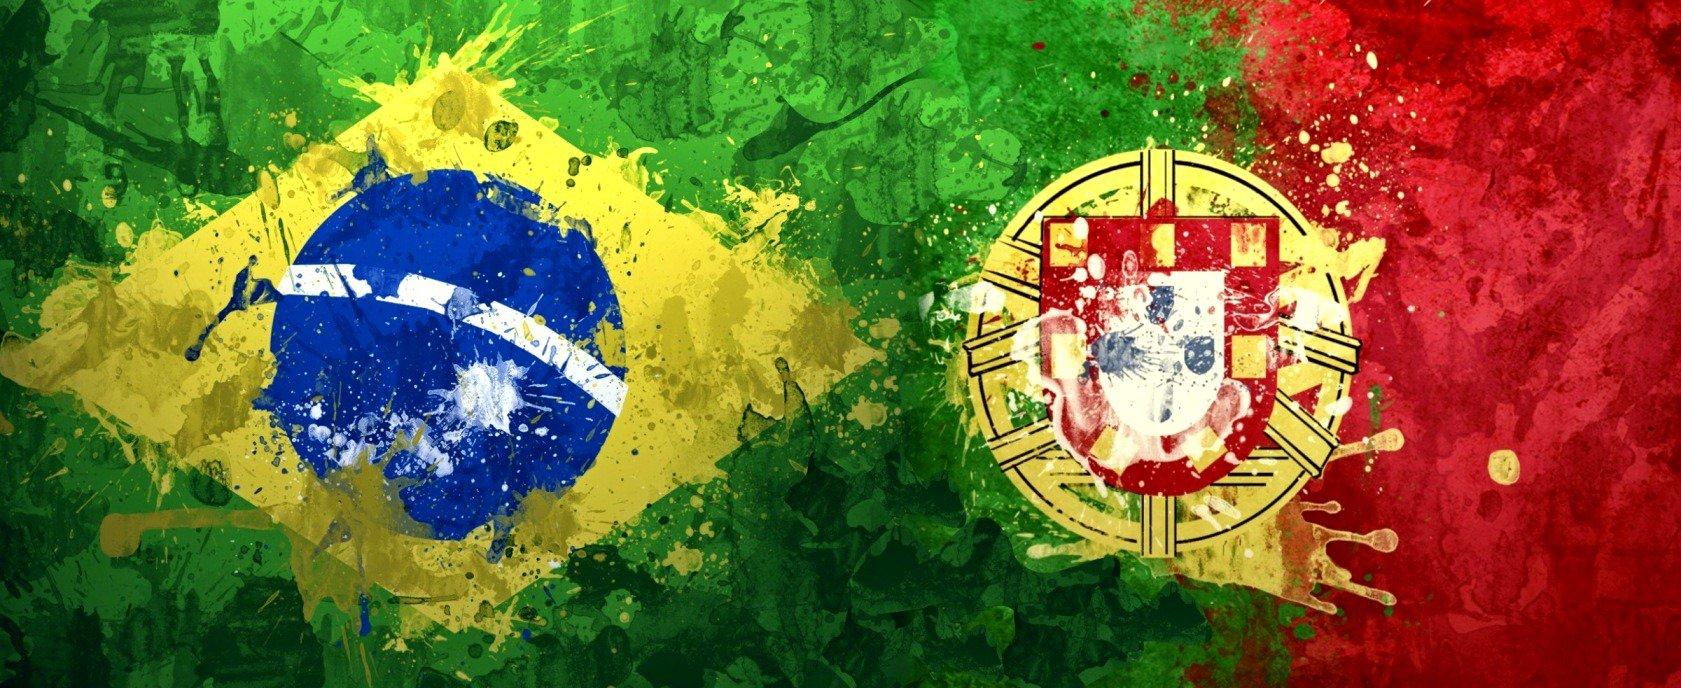 Adesivo De Parede Unicornio Mercado Livre ~ As influ u00eancias dos portugueses na cultura brasileira